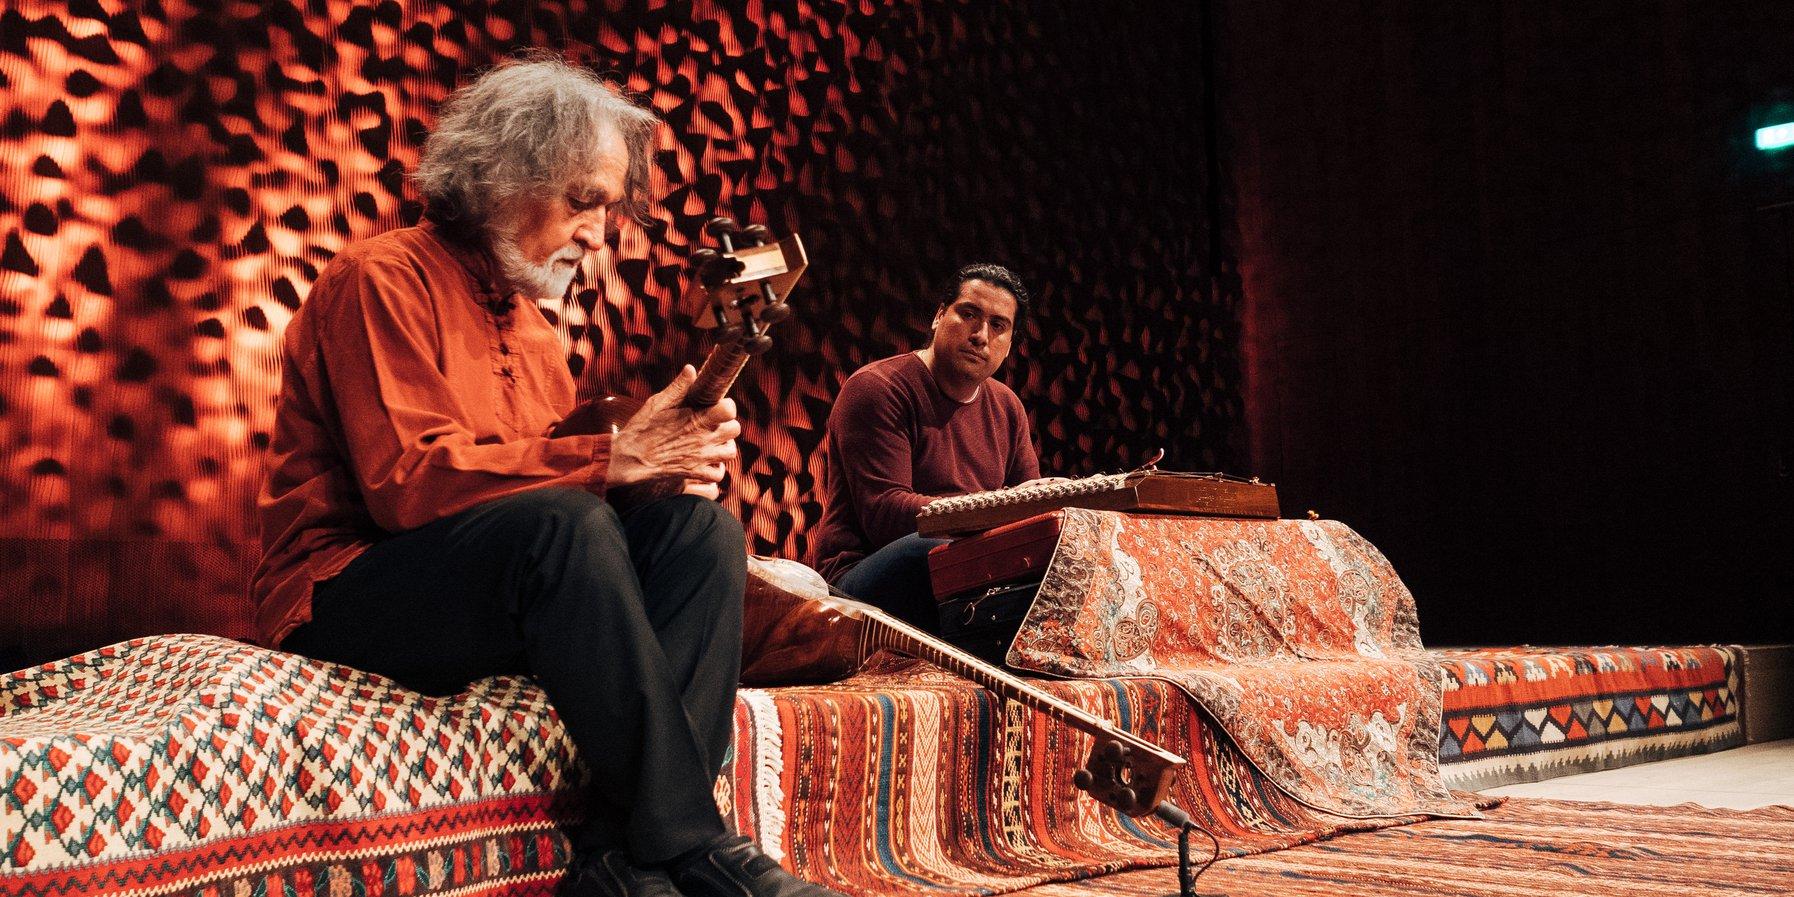 Majid Derakhshani & Saeed Zamani